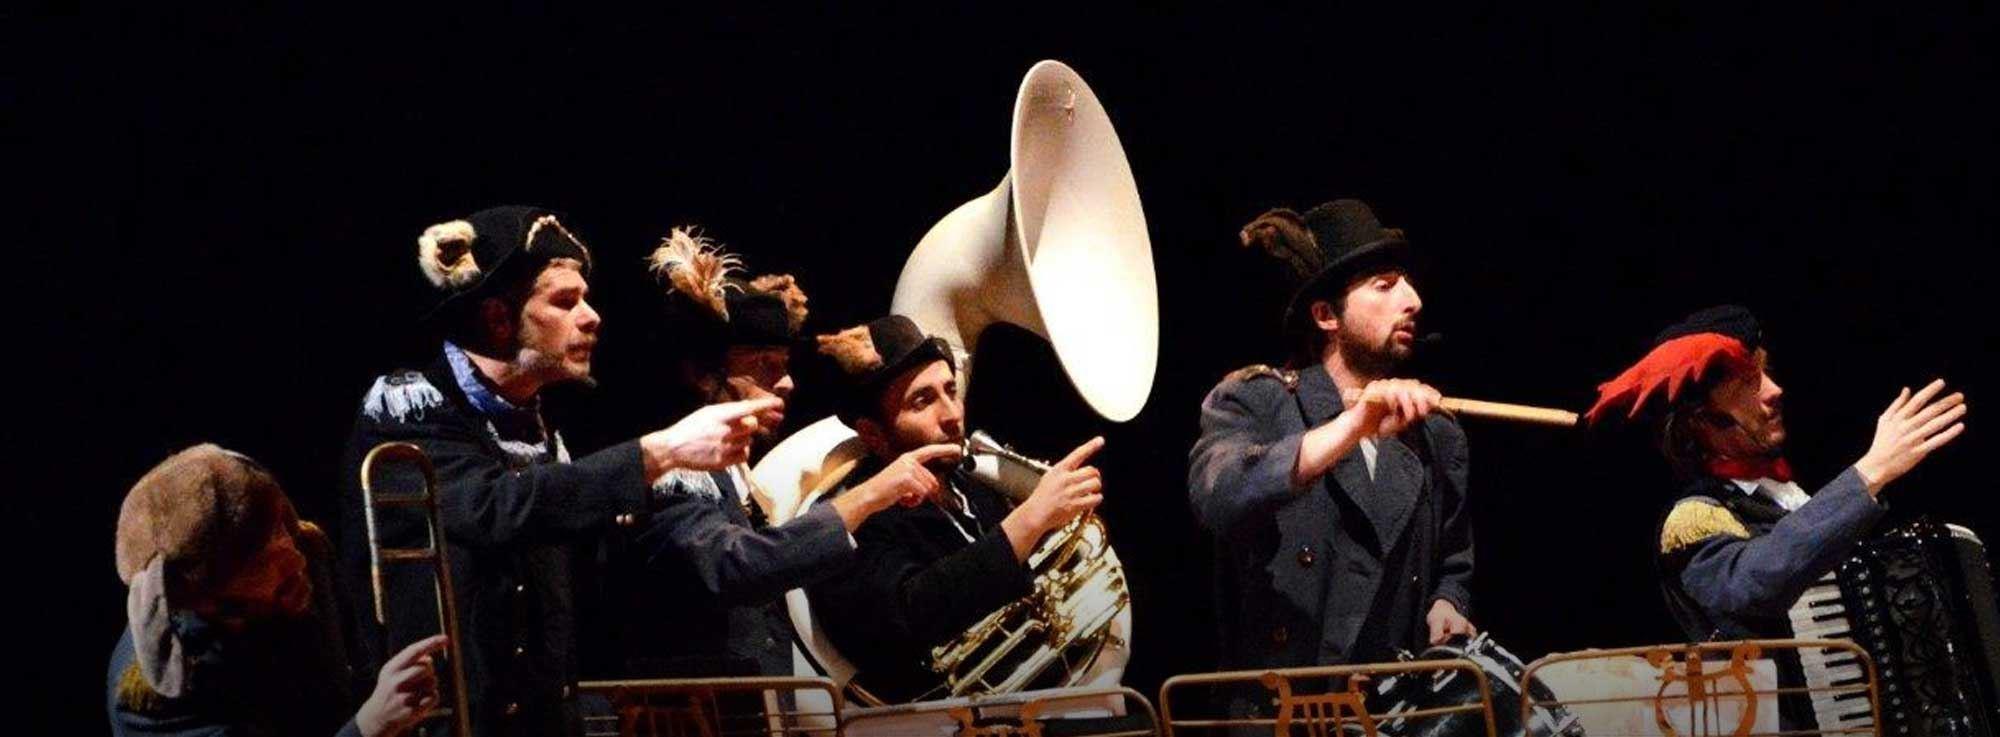 Novoli: Al teatro con I musicanti di Brema